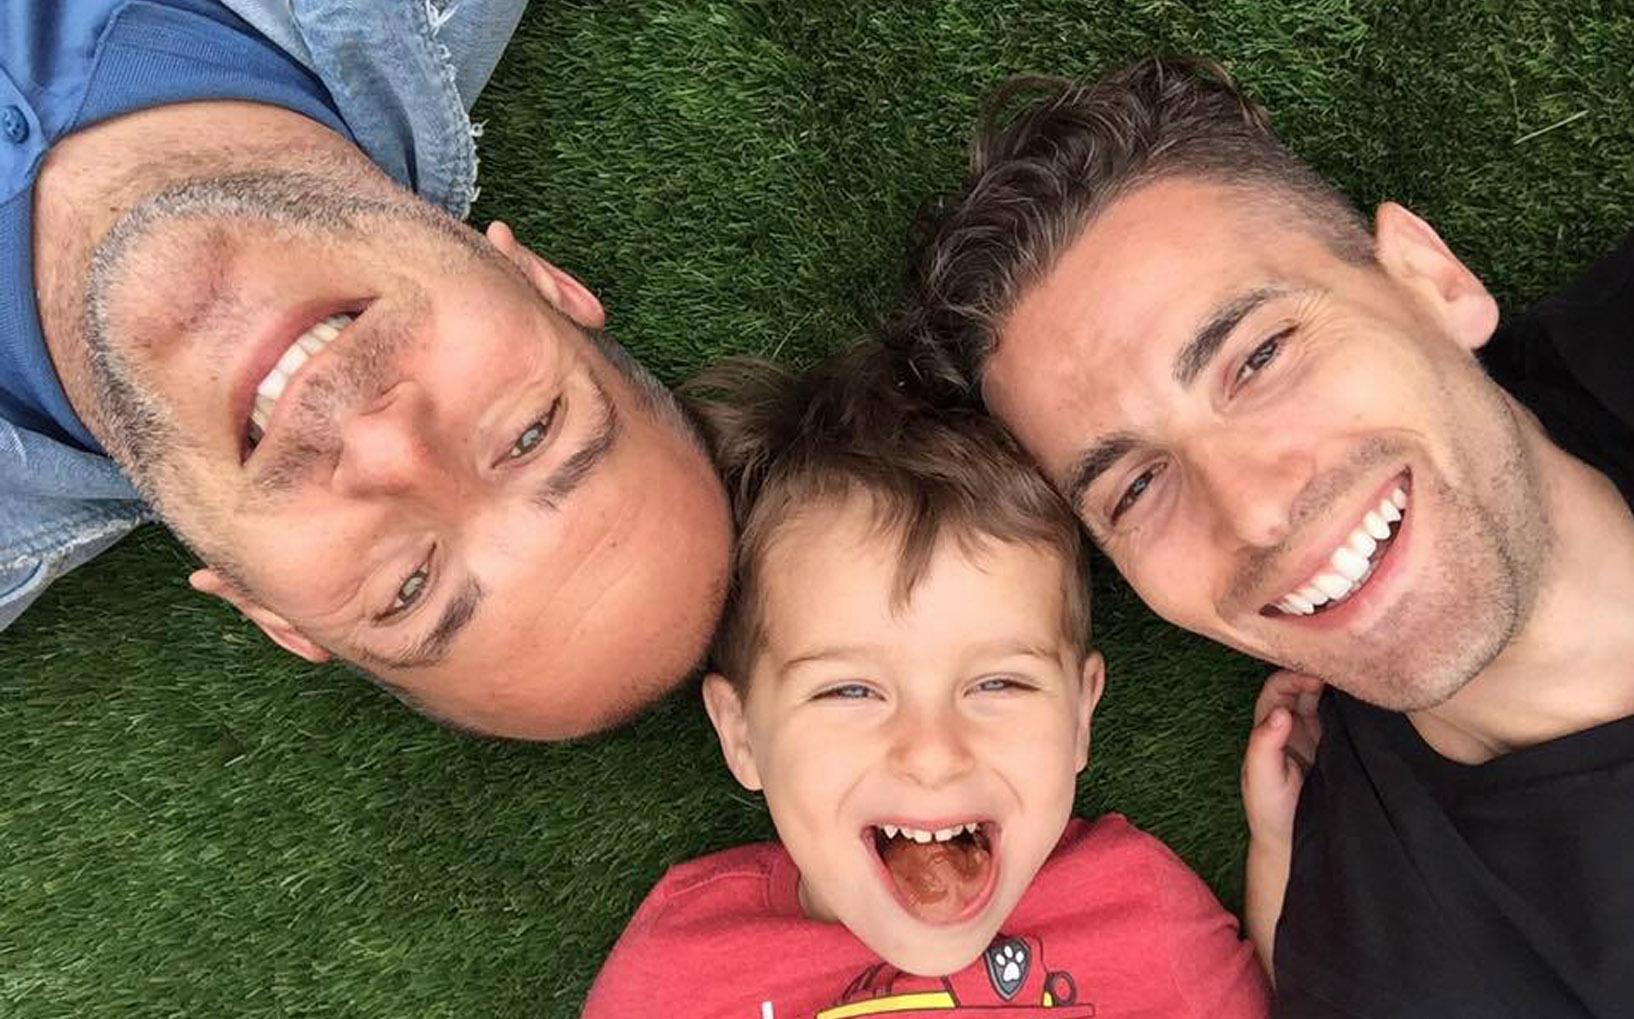 relato gay 2019 con amigo de mi hijo